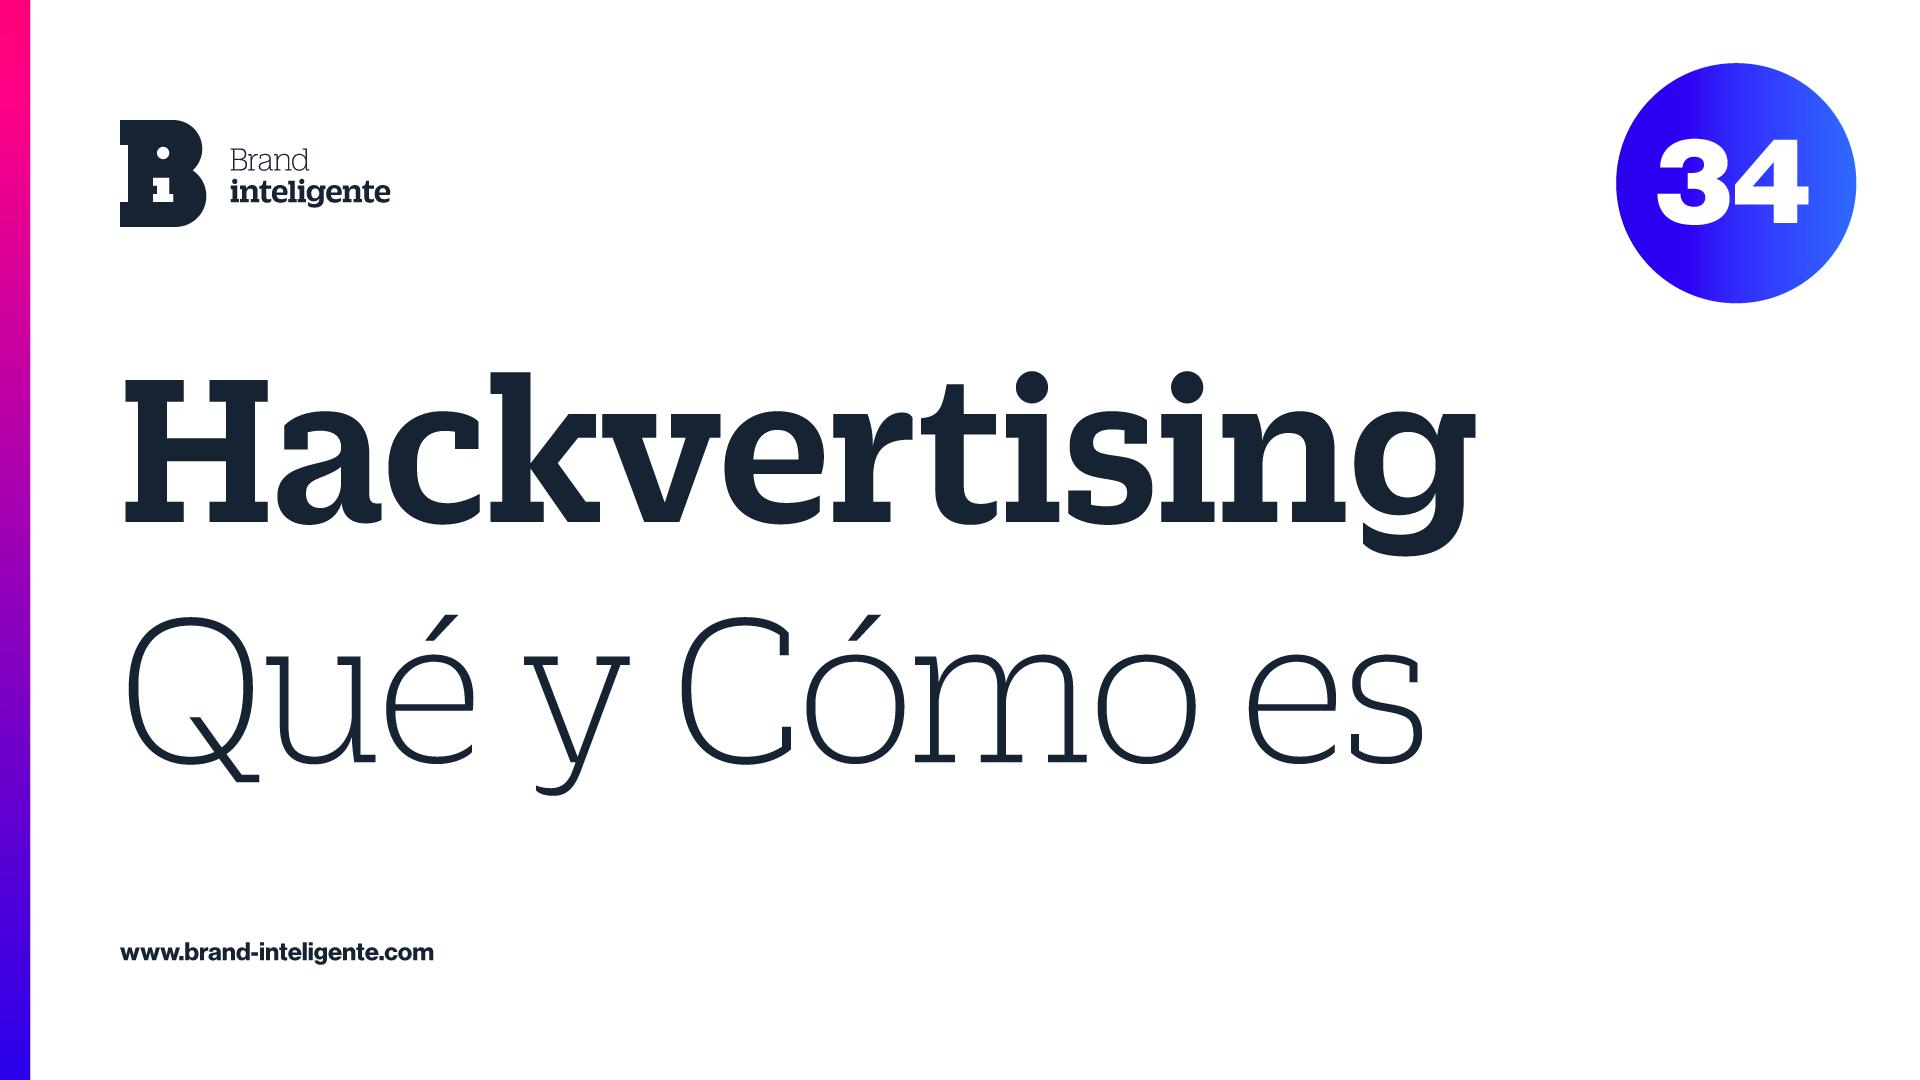 ¿Qué es Hackvertising?